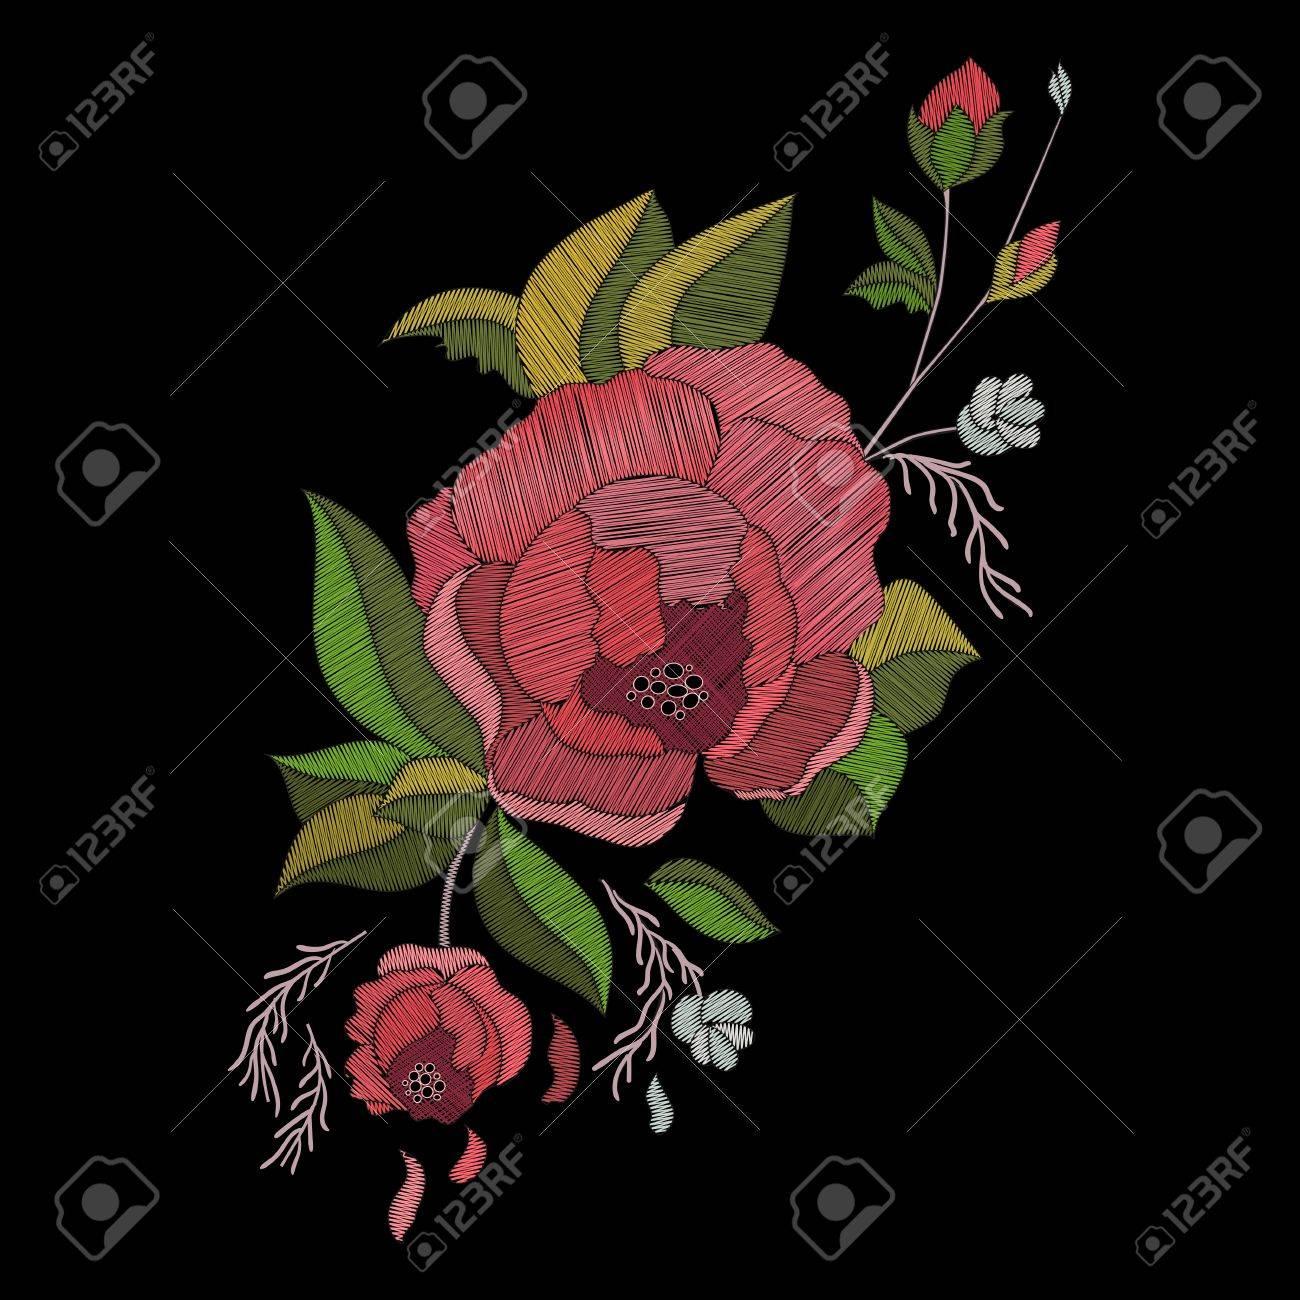 Vector Diseño De Bordado. Patrón Floral Bordado Con Rosas Y Burgeons ...